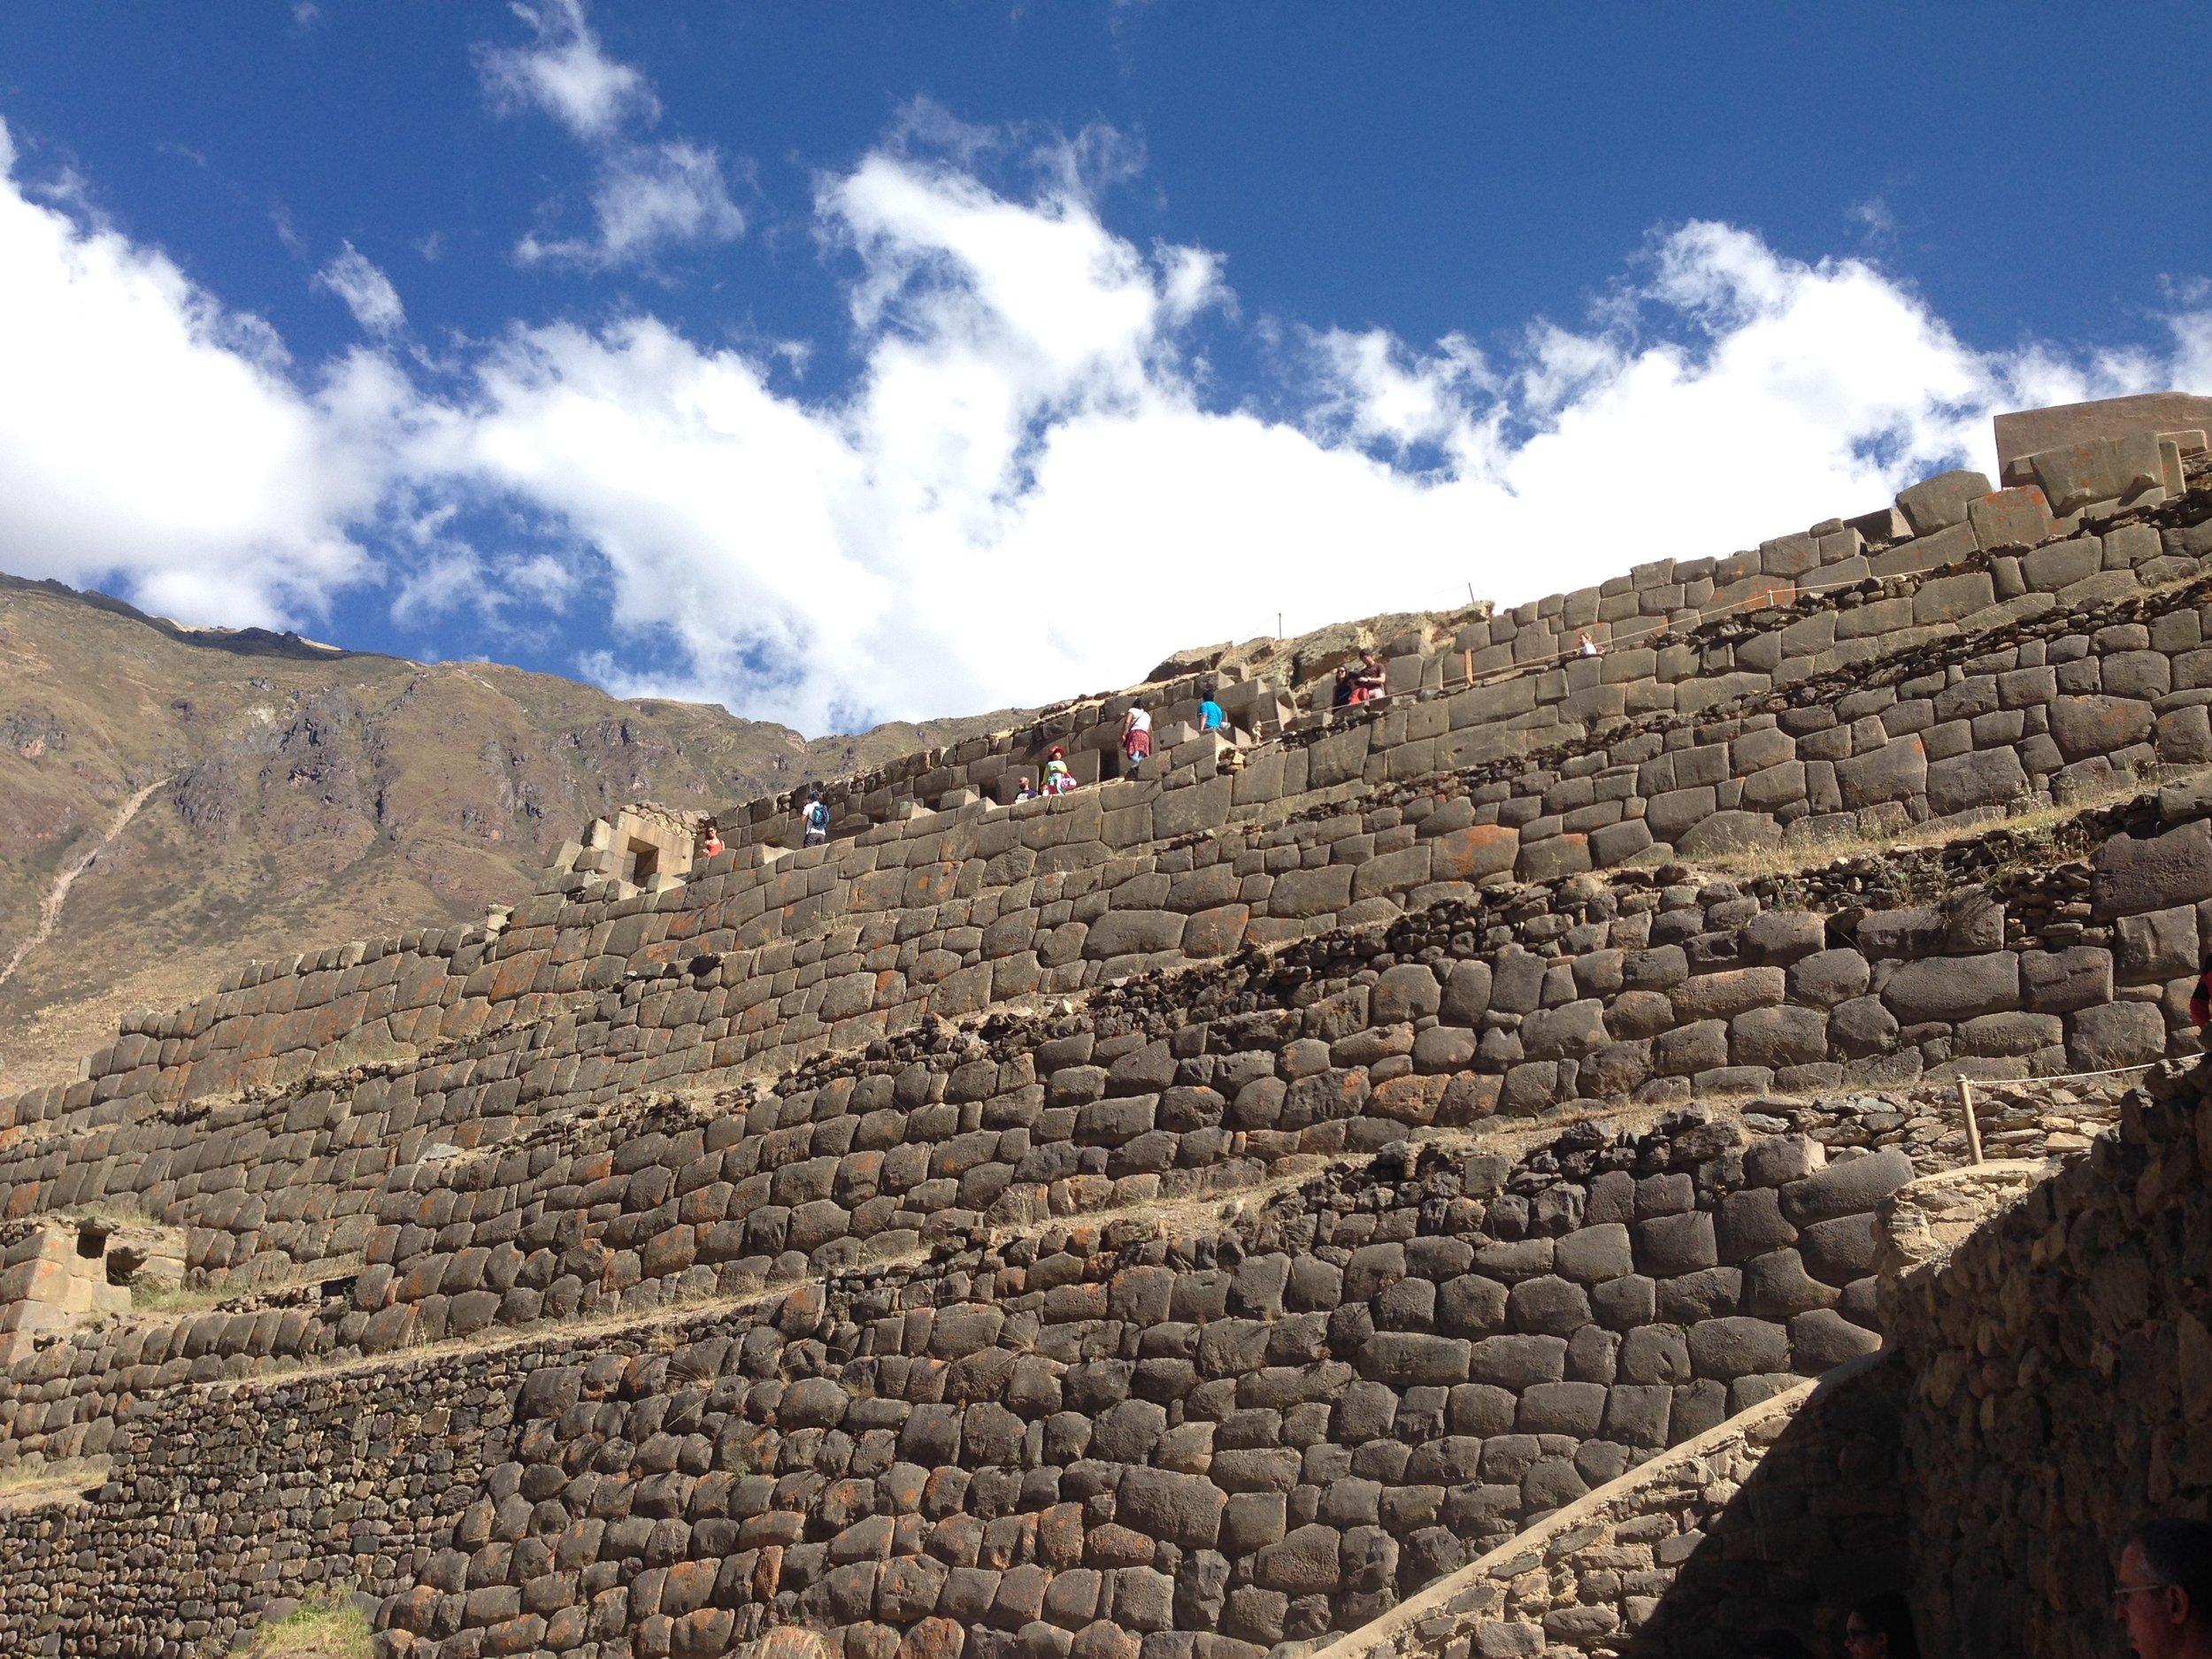 Inca terracing at Ollantaytambo